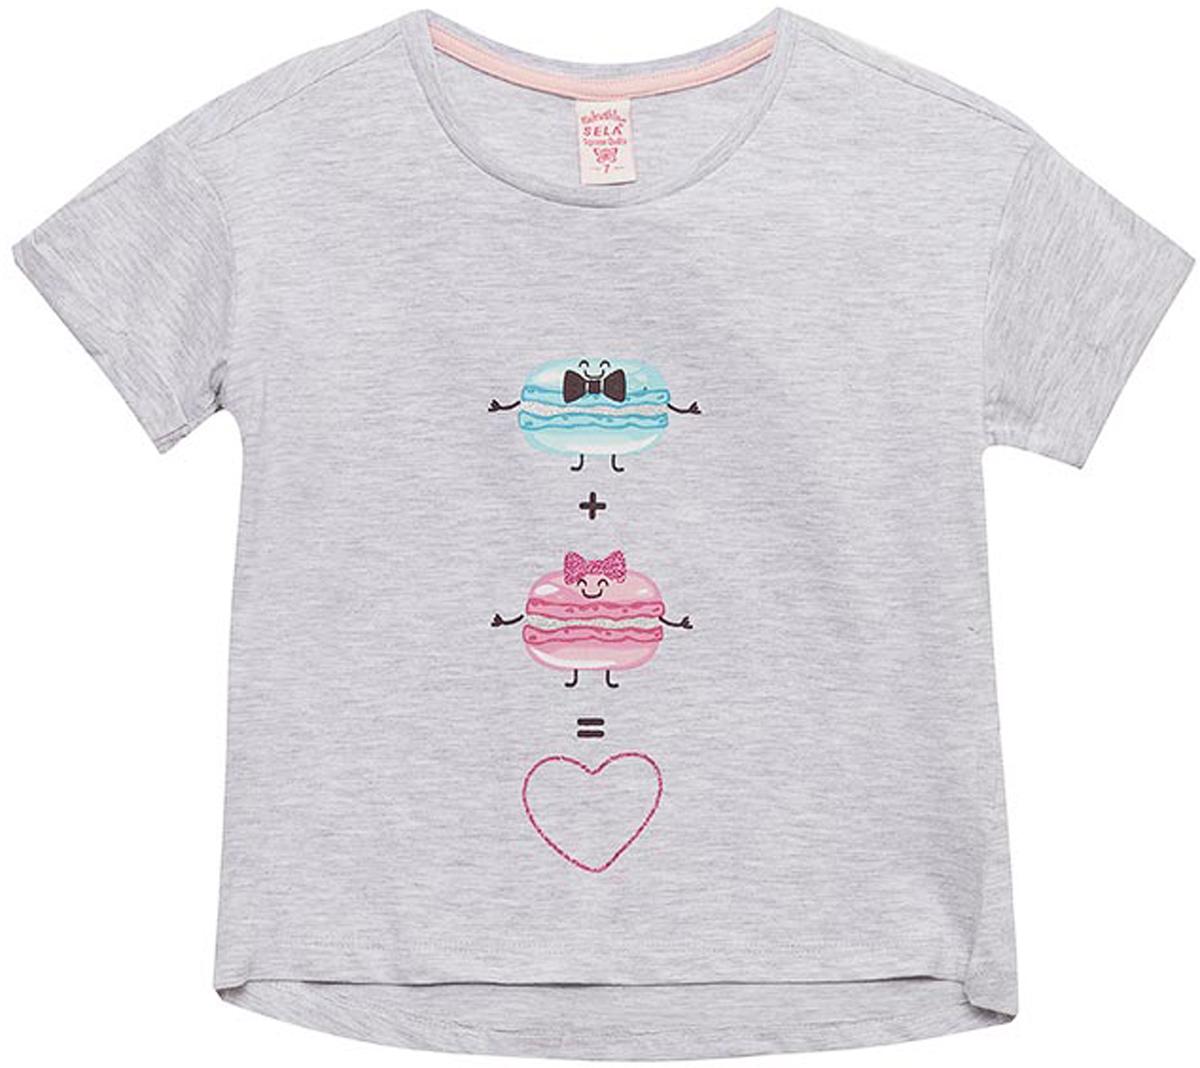 Футболка для девочки Sela, цвет: светло-серый. Ts-611/1188-8141. Размер 146Ts-611/1188-8141Футболка для девочки Sela выполнена из хлопка и полиэстера. Модель с круглым вырезом горловины и короткими рукавами.